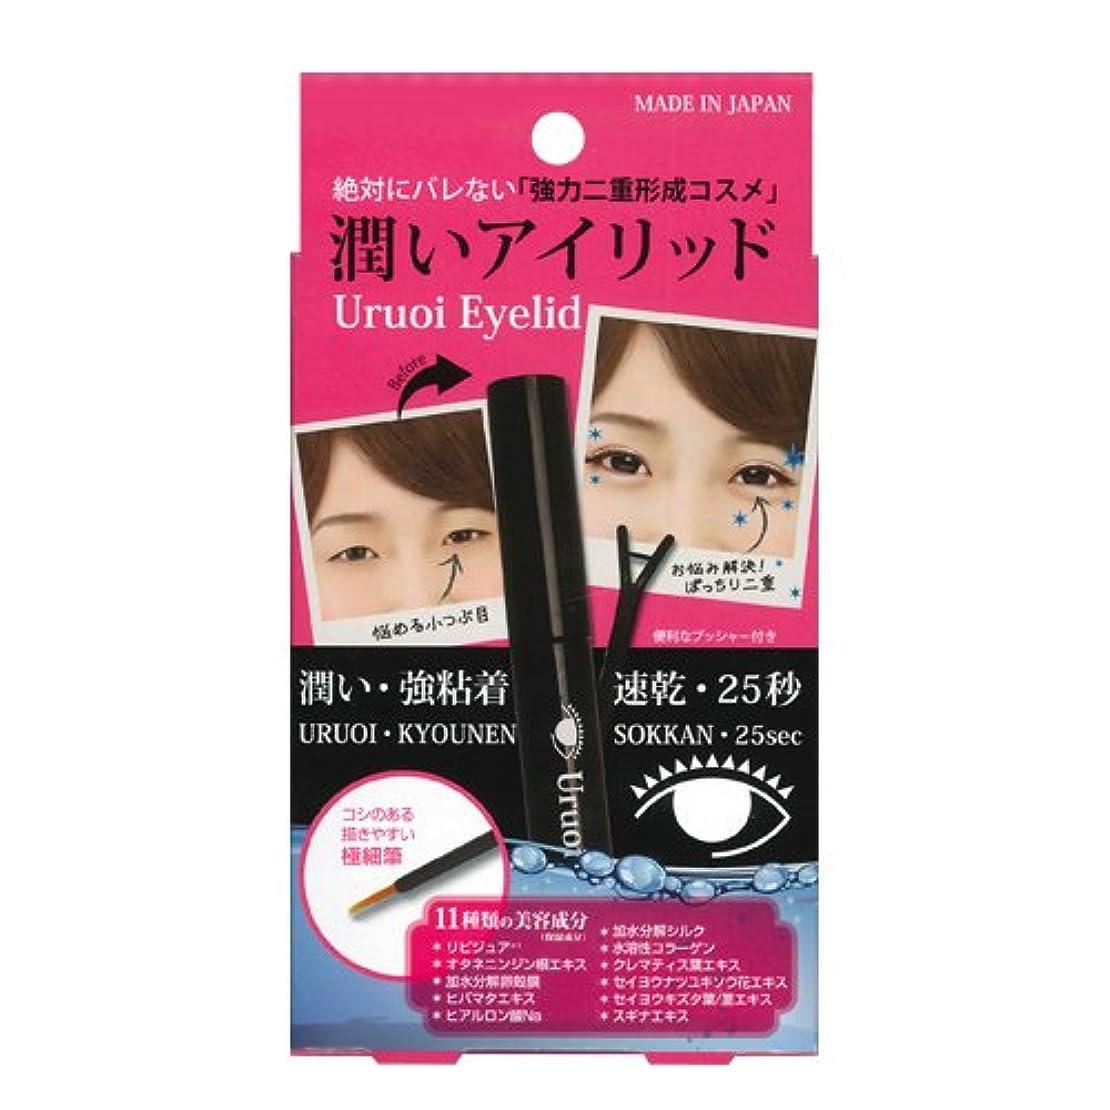 ぜいたくオーナメント市場二重形成化粧品 潤いアイリッド(Uruoi Eyelid)